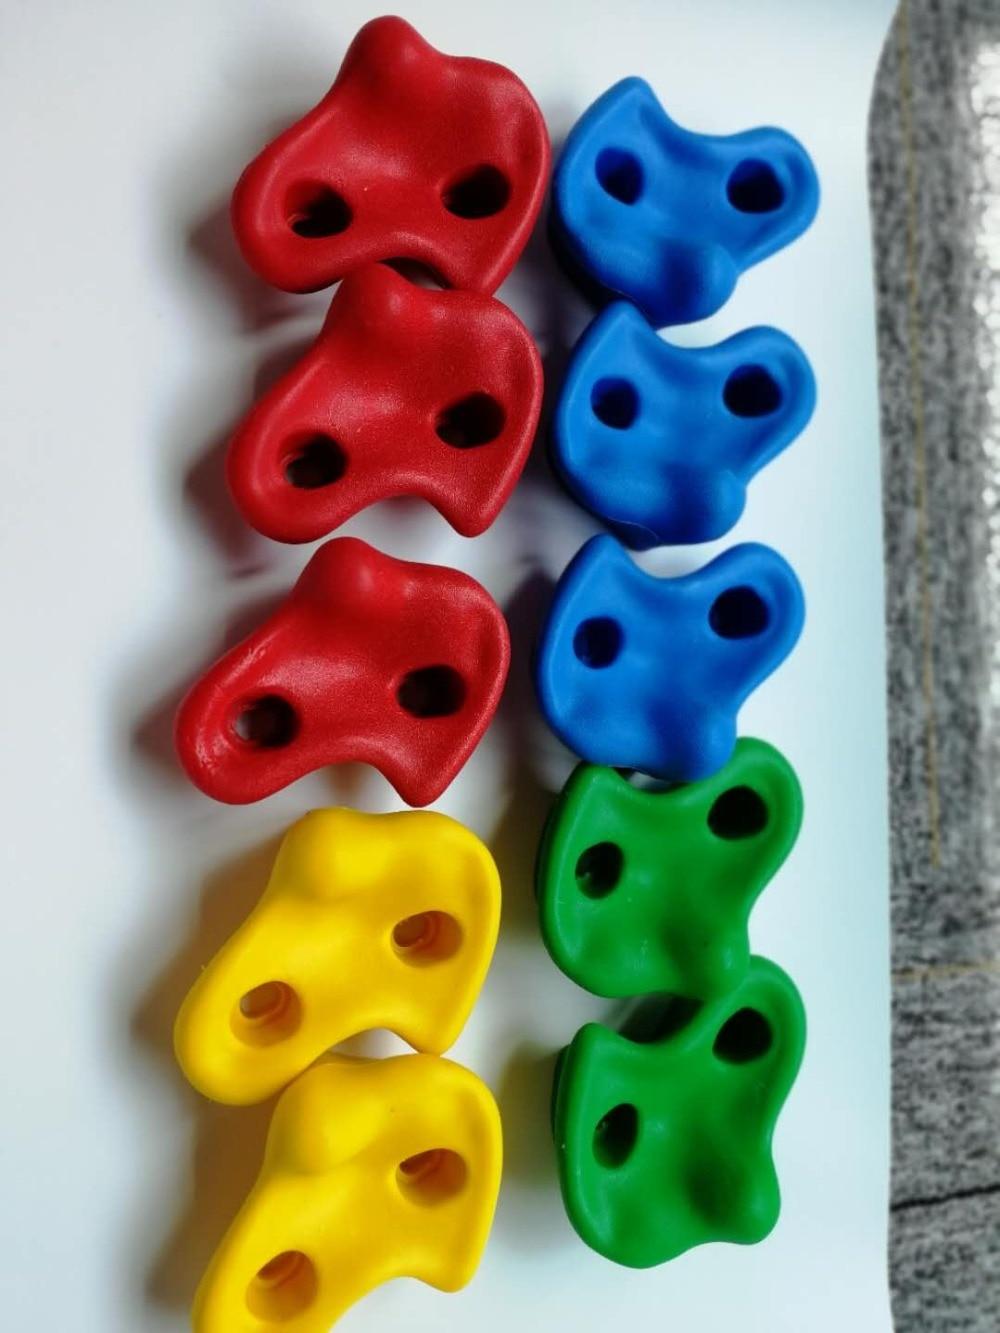 15 pcs 12 cm 큰 크기 플라스틱 어린이 키즈 암벽 등반 나무 벽 돌 손 피트 나사없이 그립 키트를 보유 무작위 색상-에서완구용 스포츠부터 완구 & 취미 의  그룹 3